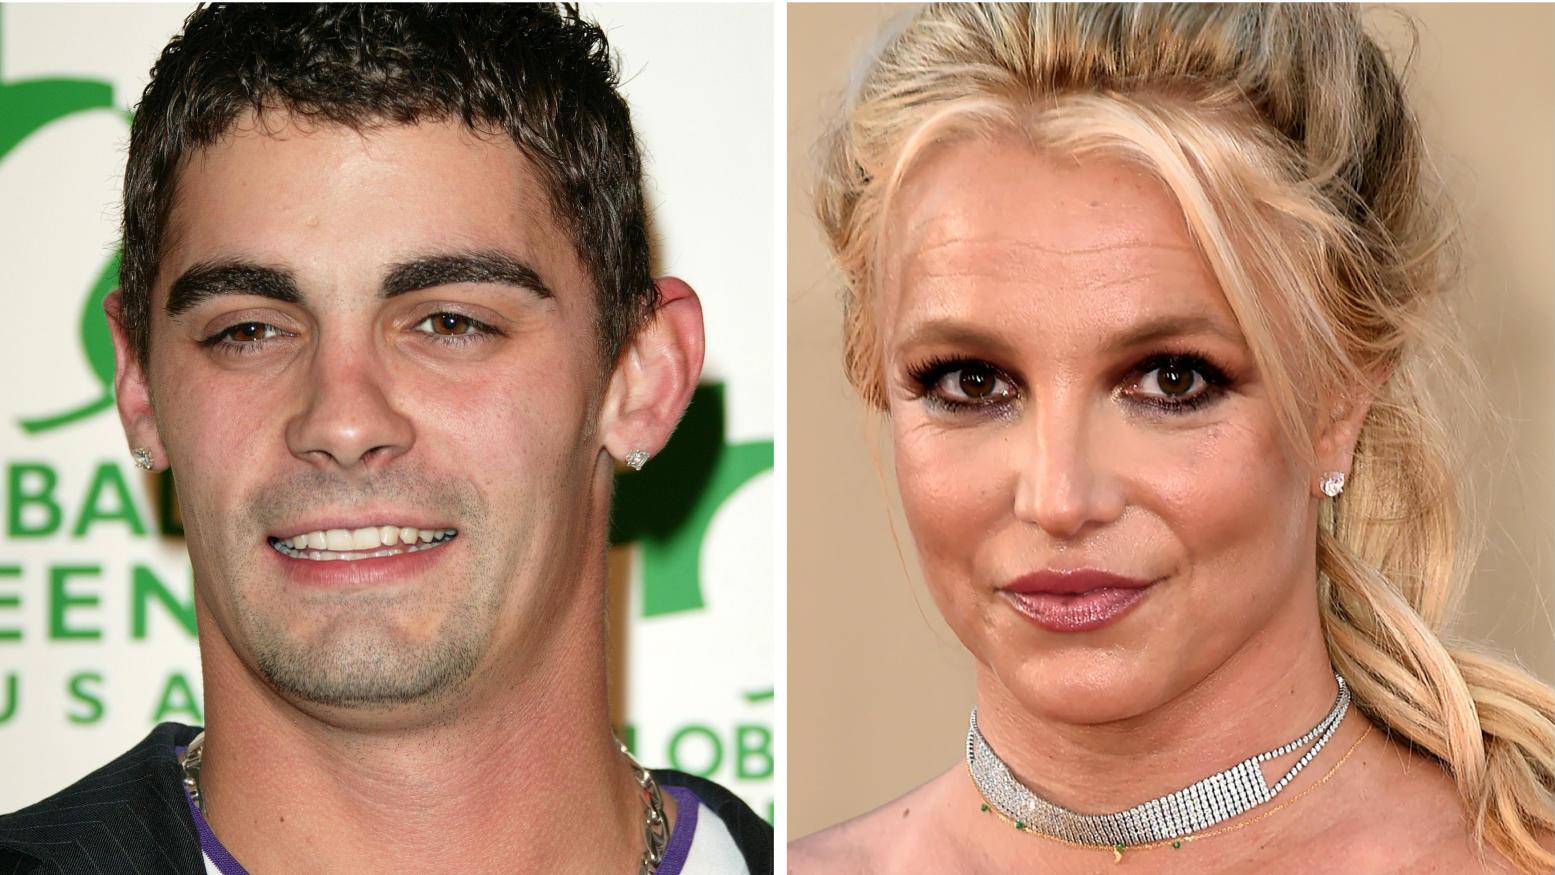 Jason Alexander und Britney Spears heirateten 2004 in Las Vegas. Die Ehe wurde nur 55 Stunden später annulliert.